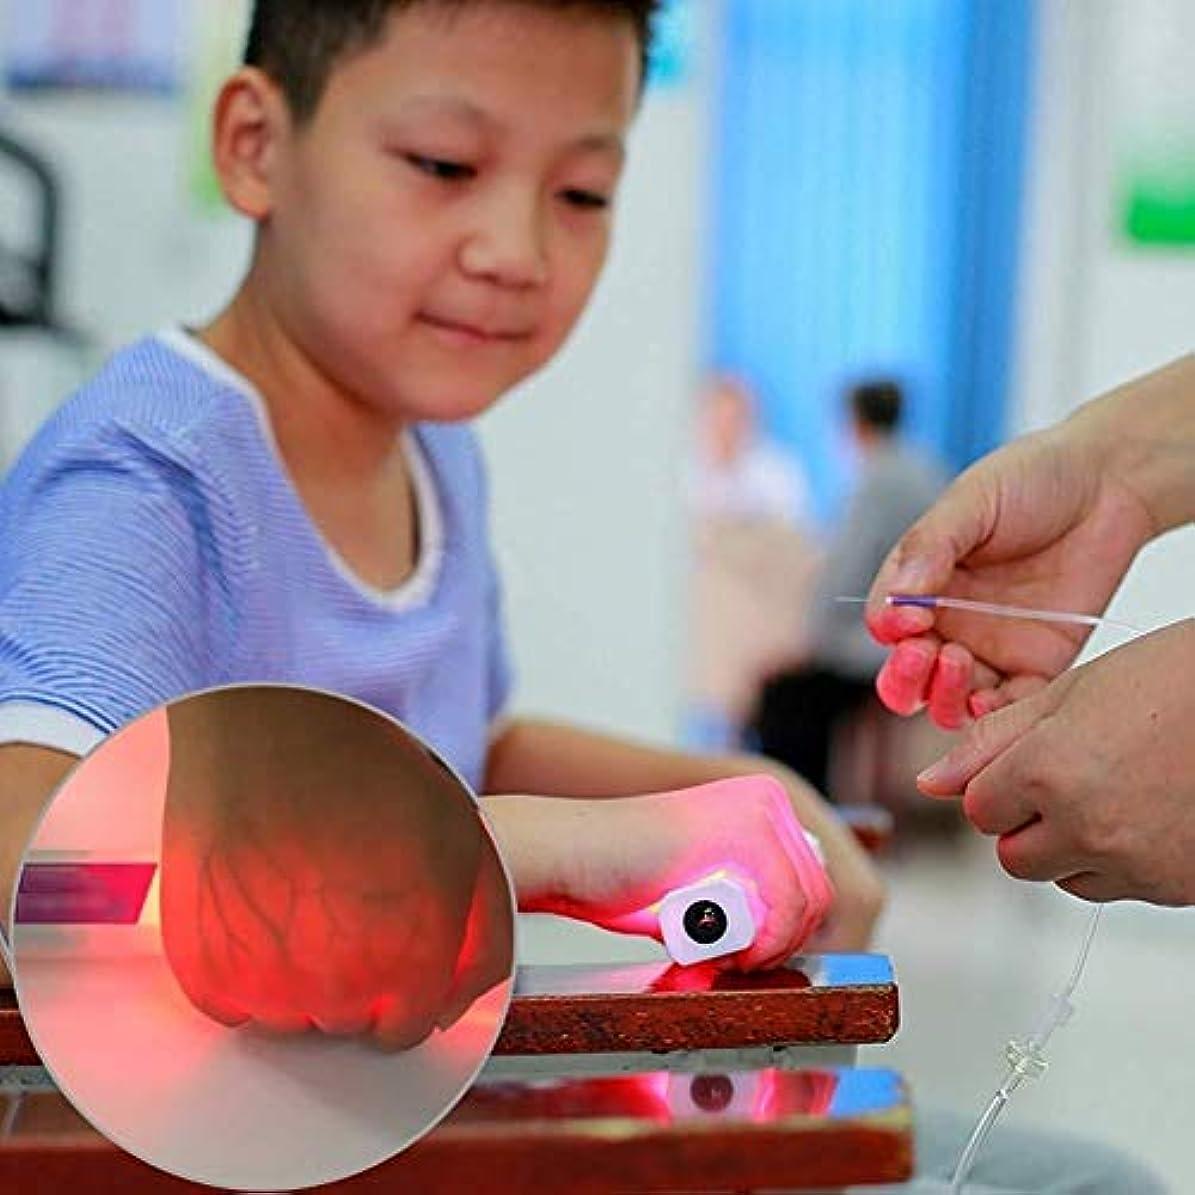 五寮コミットメント赤外線静脈ファインダービューアーポータブル医療赤外線静脈ロケーター照明可視化ライト検出器看護師医師Ph血